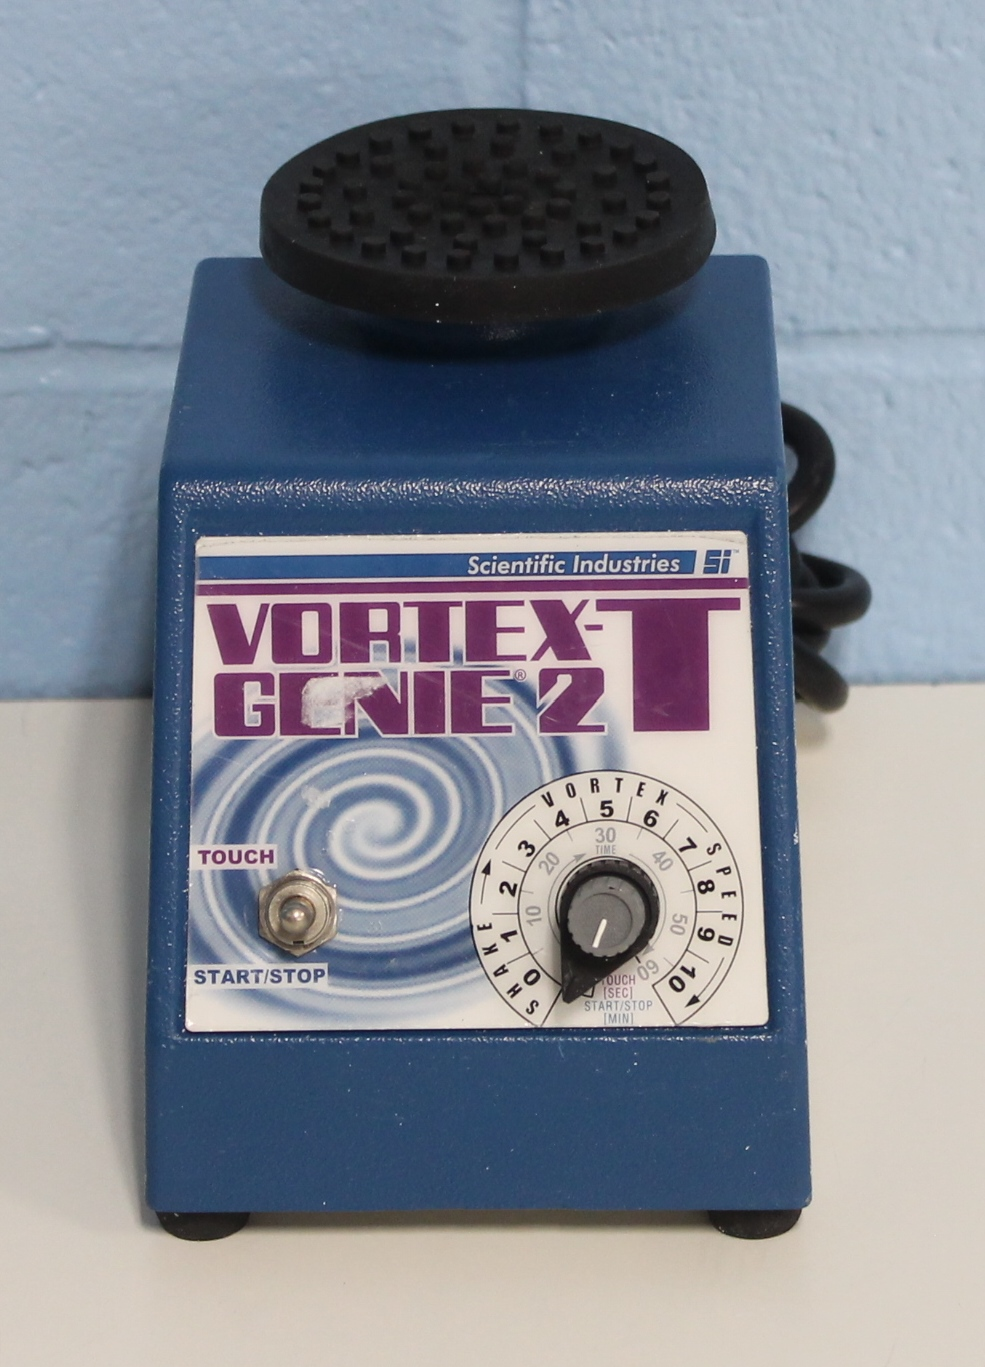 Scientific Industries Vortex-Genie 2T Model SI-T236 Image